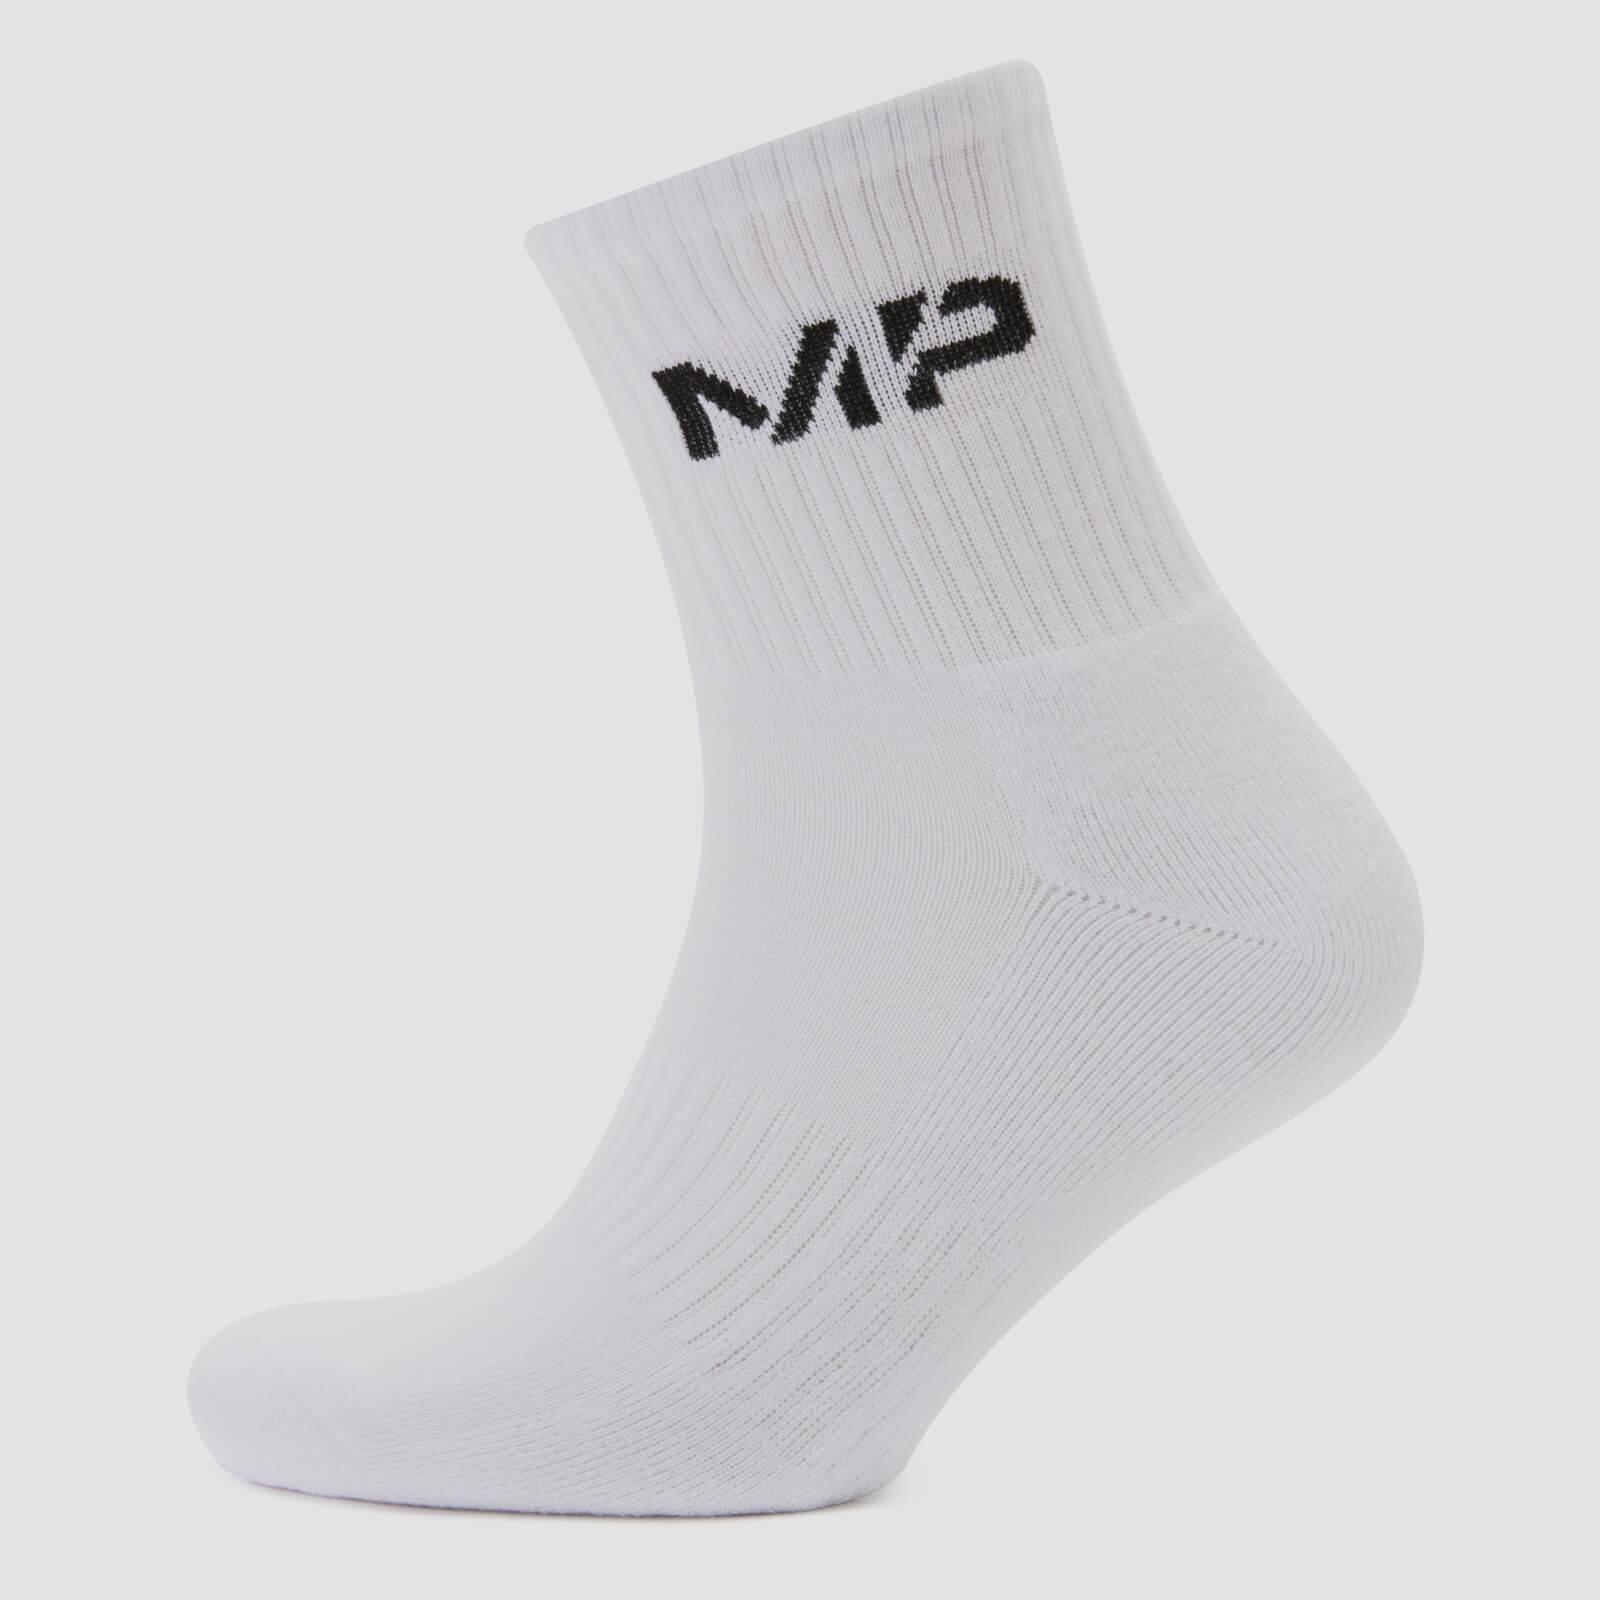 Myprotein MP Men's Core Crew Socks (2 Pack) - White - UK 6-8